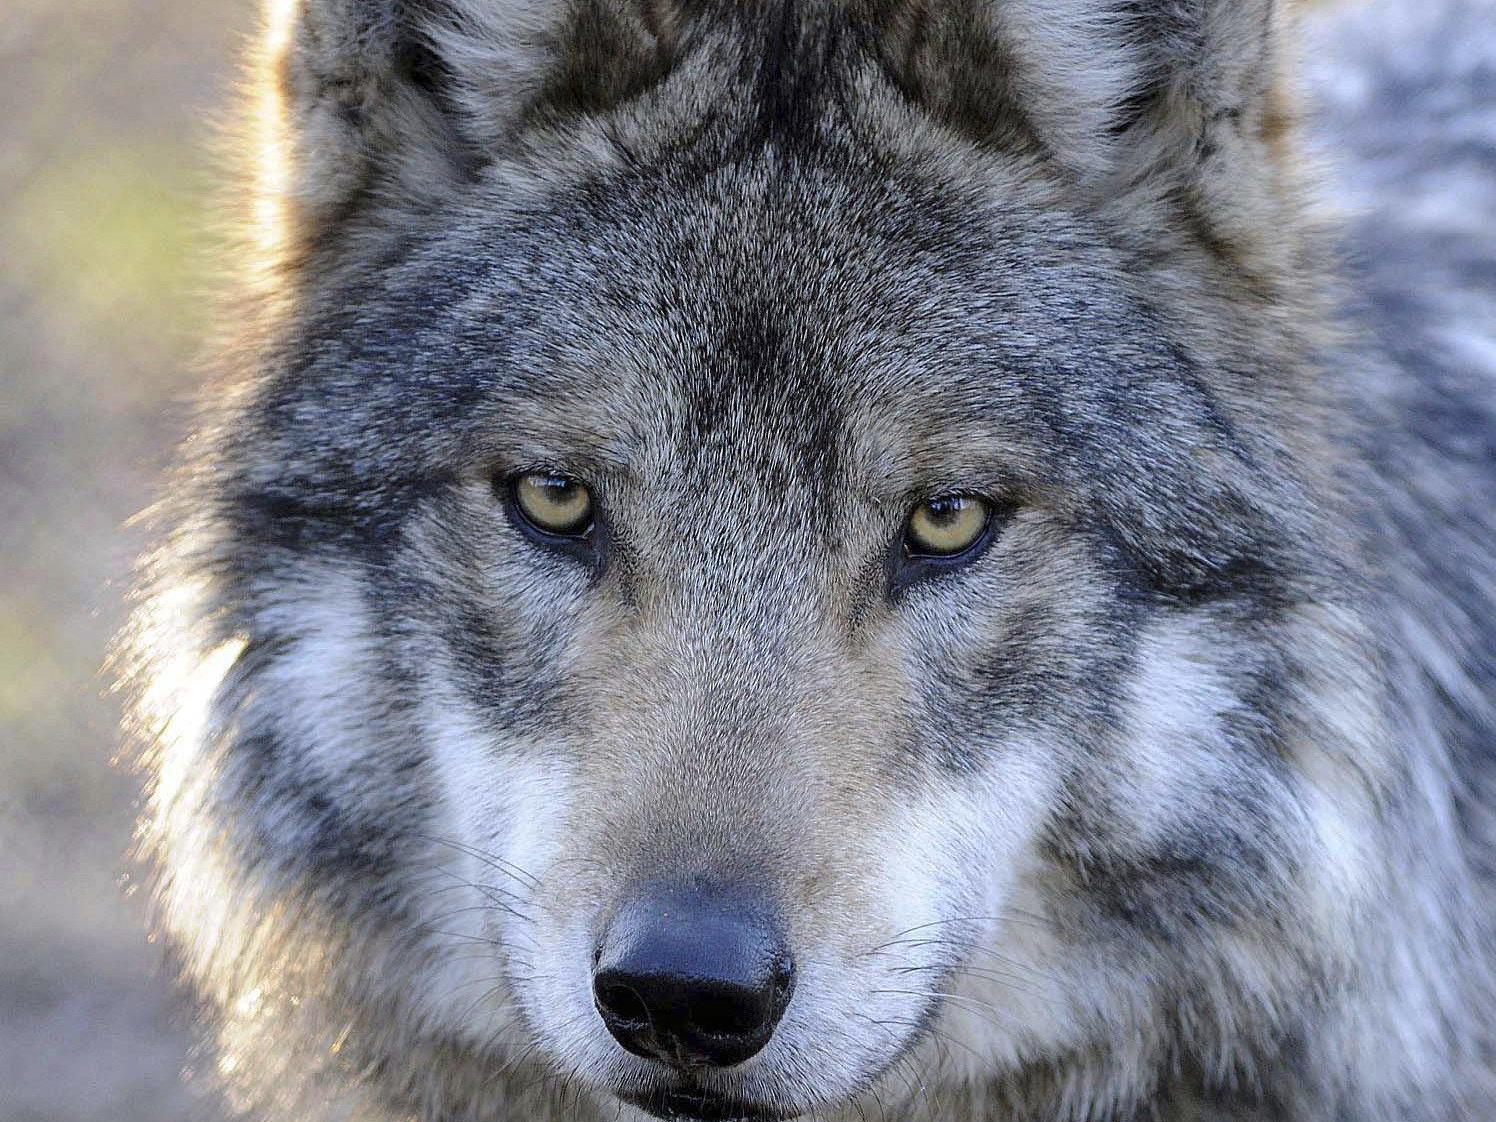 Der Wolf wird in Vorarlberg zum Dauergast. Wie soll man ihm begegnen?